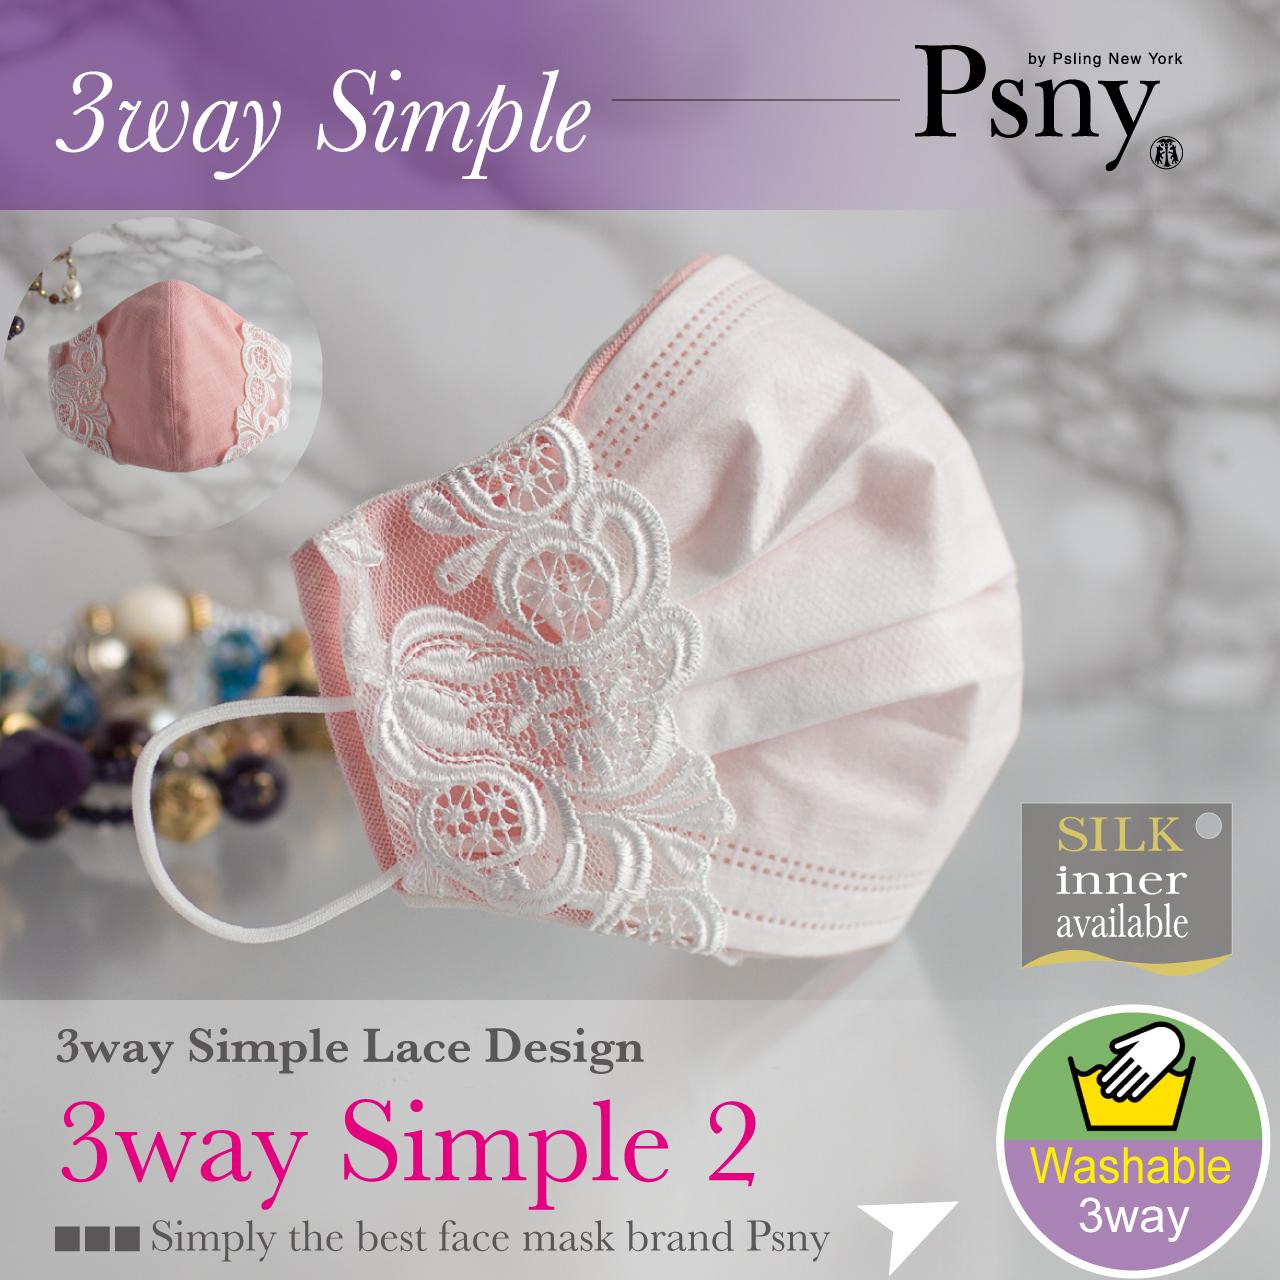 PSNY 送料無料 2way レース 人気 不織布マスクがキレイに見える 美人 高級 シルク 絹 ちぢみ 紐付 ますくかばー マスクカバー 立体 大人 マスク ツーウェイ 3way タイプ2-2W02